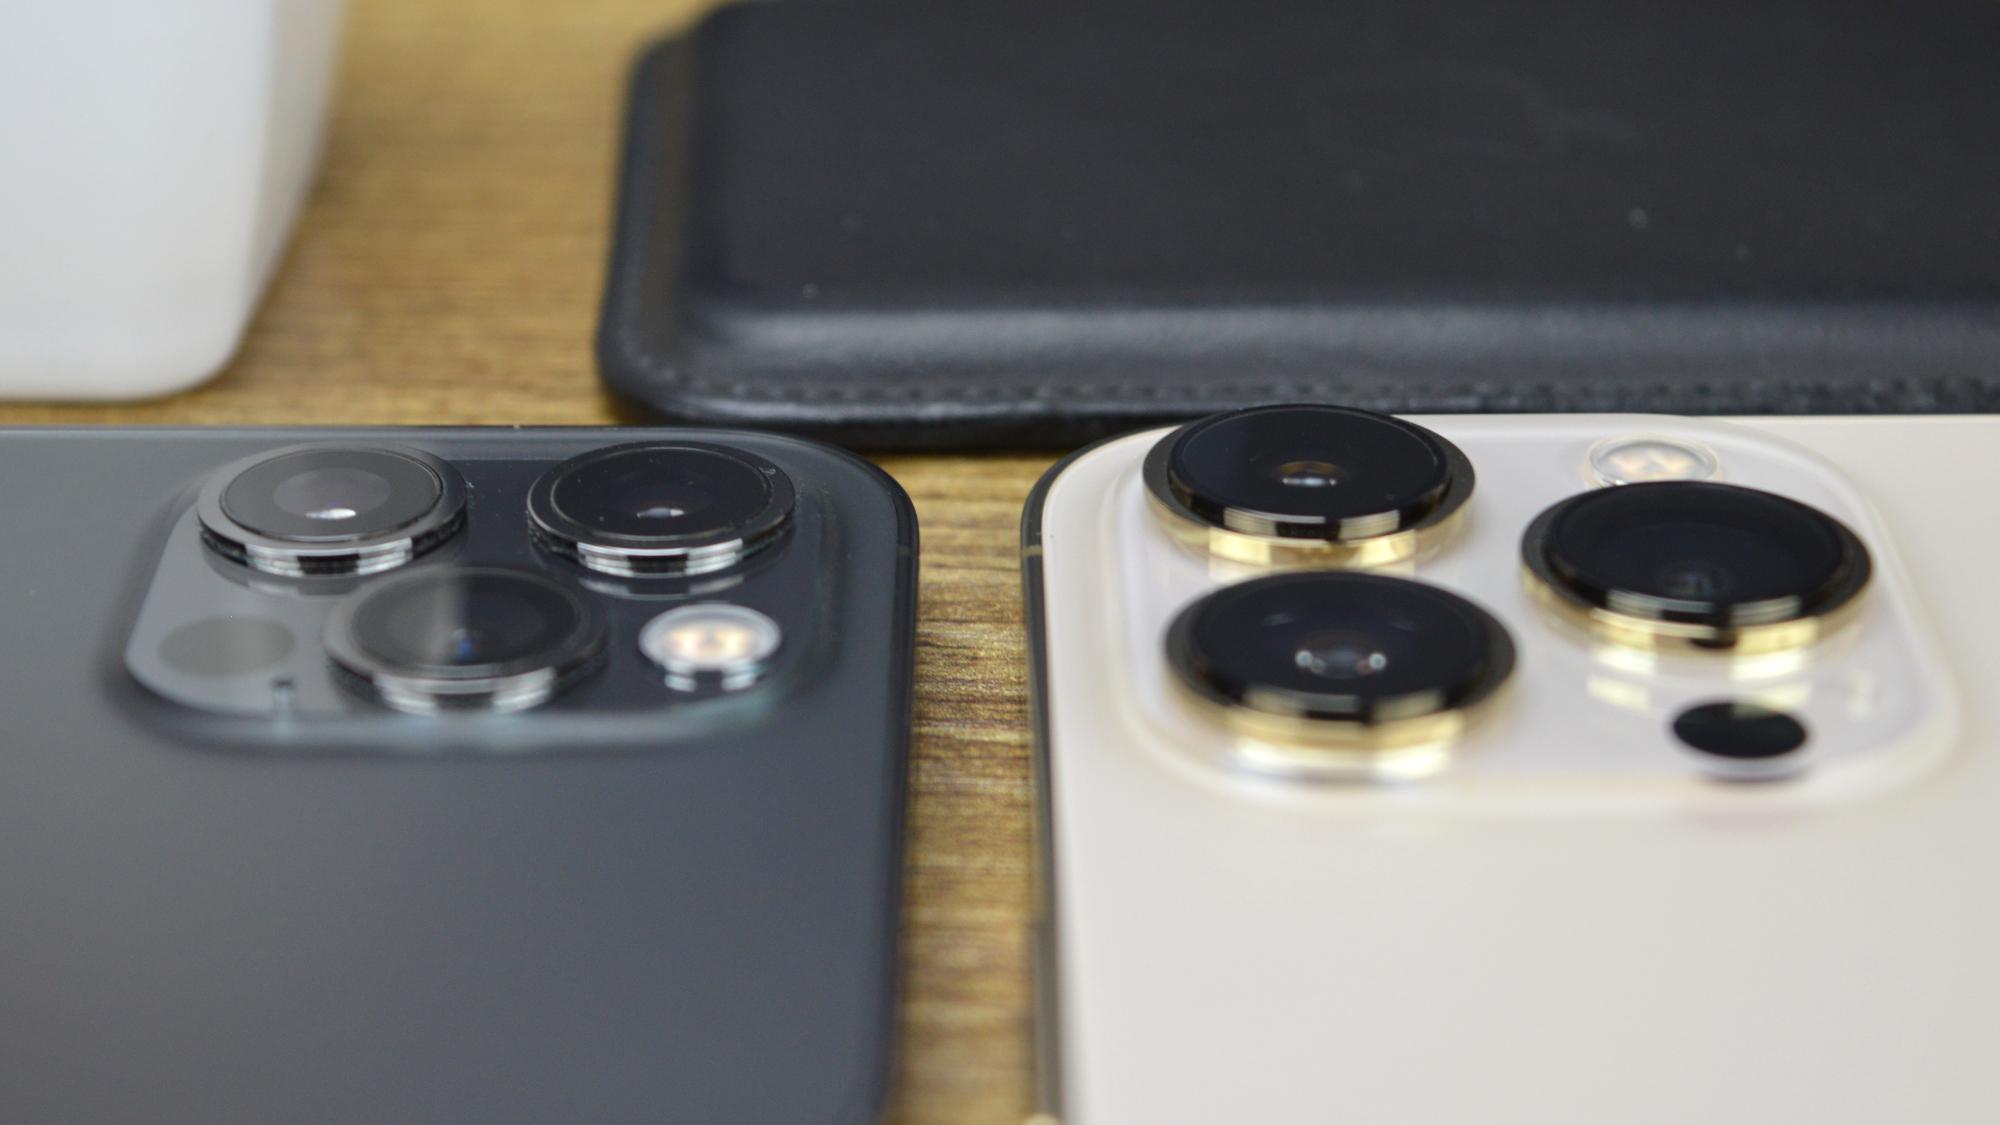 iPhone 13 Pro Camera Comparison